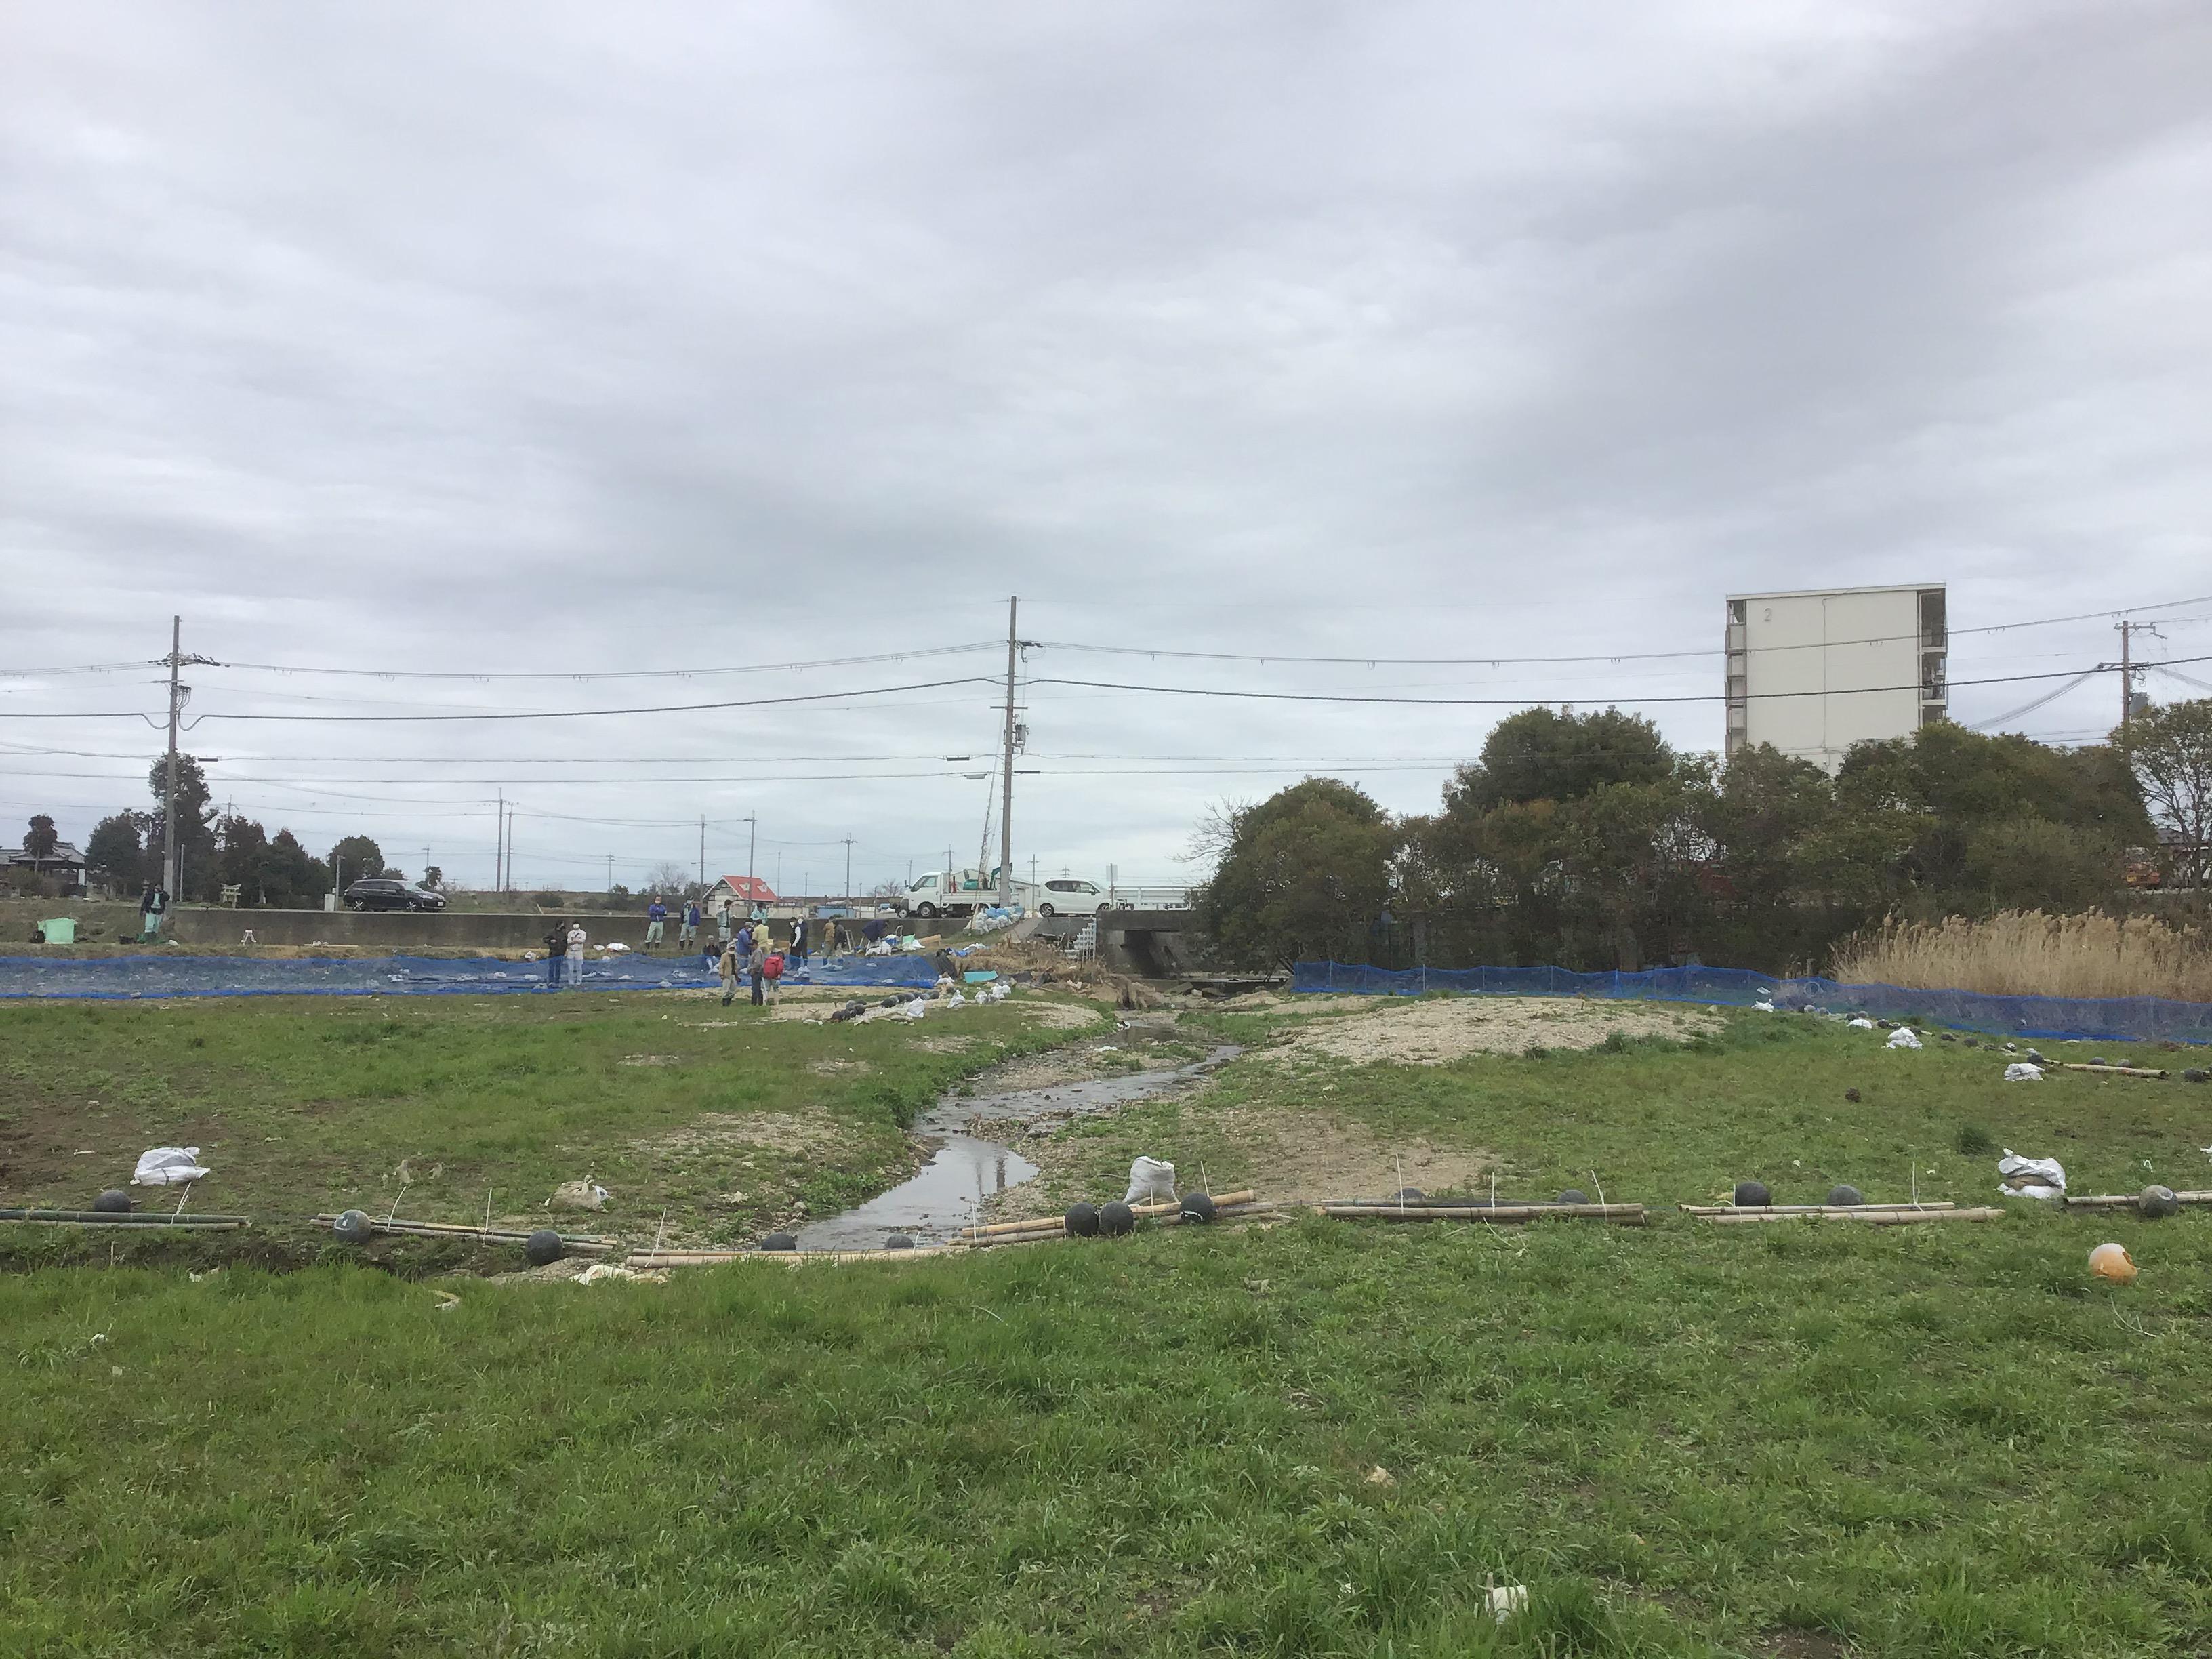 寛政池内から見た流入口(清水川)付近。手前横断がネットフェンス。奥の青いネットは漂着防止柵